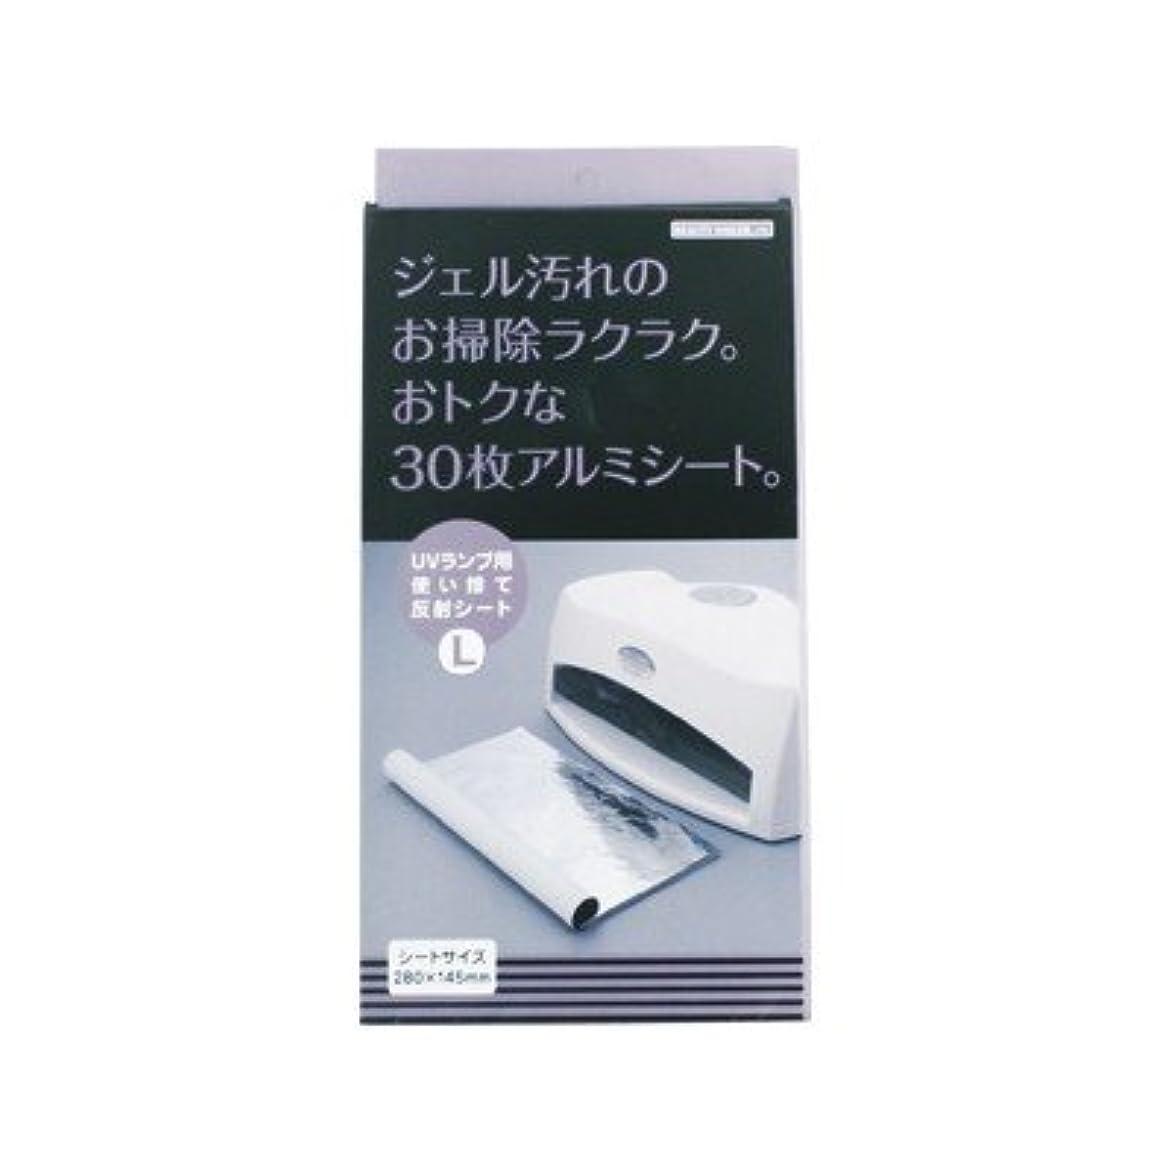 自己尊重順応性のある提供するビューティーネイラー ネイルケア UVランプ用使い捨て反射シートL UVH-2